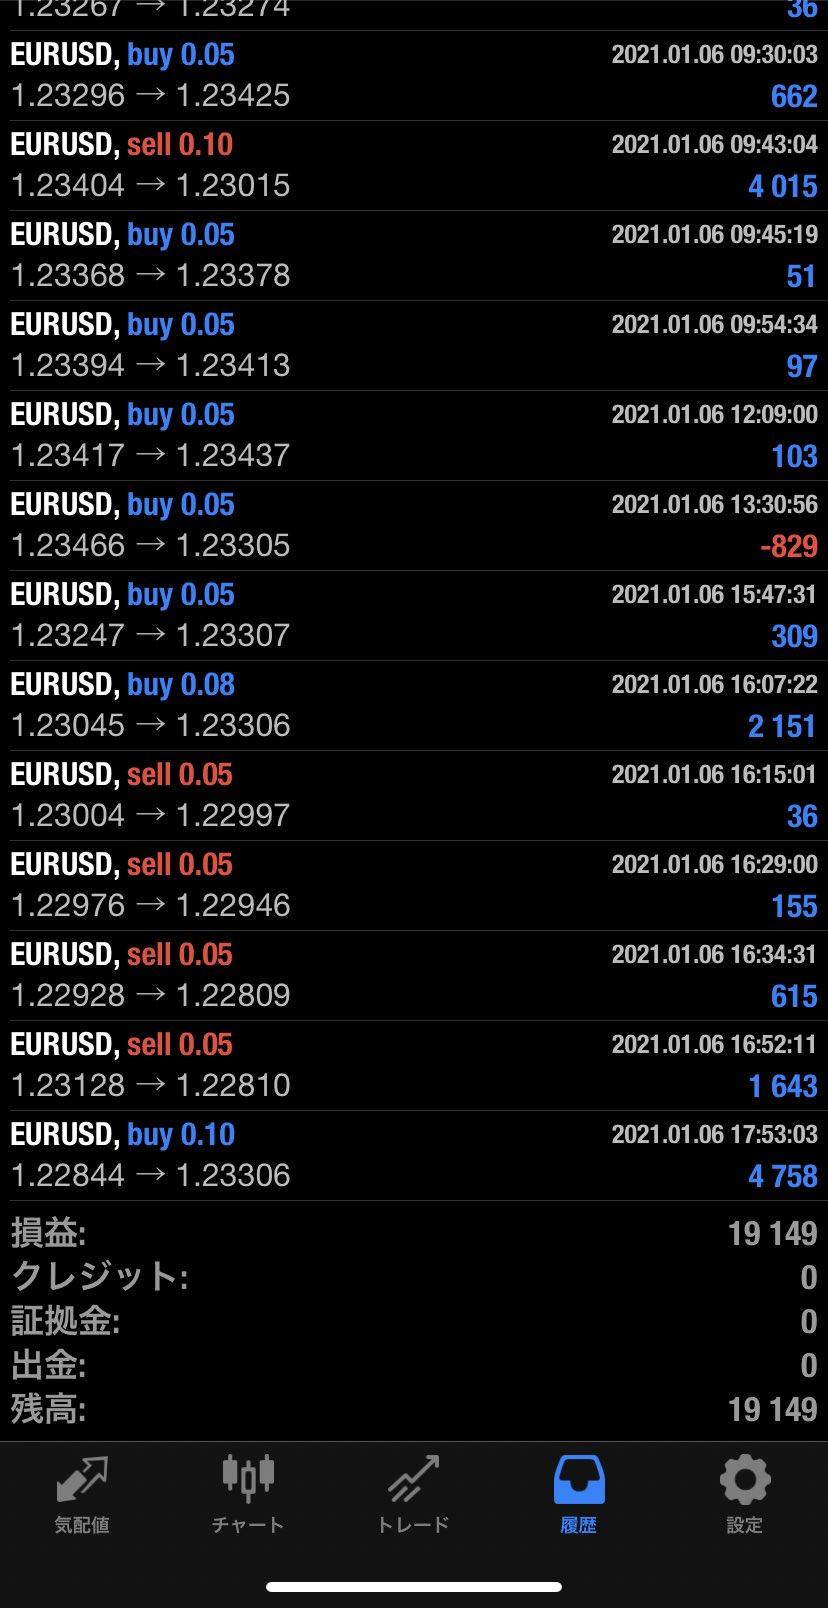 2021年1月6日 EUR/USDバージョン19,149円